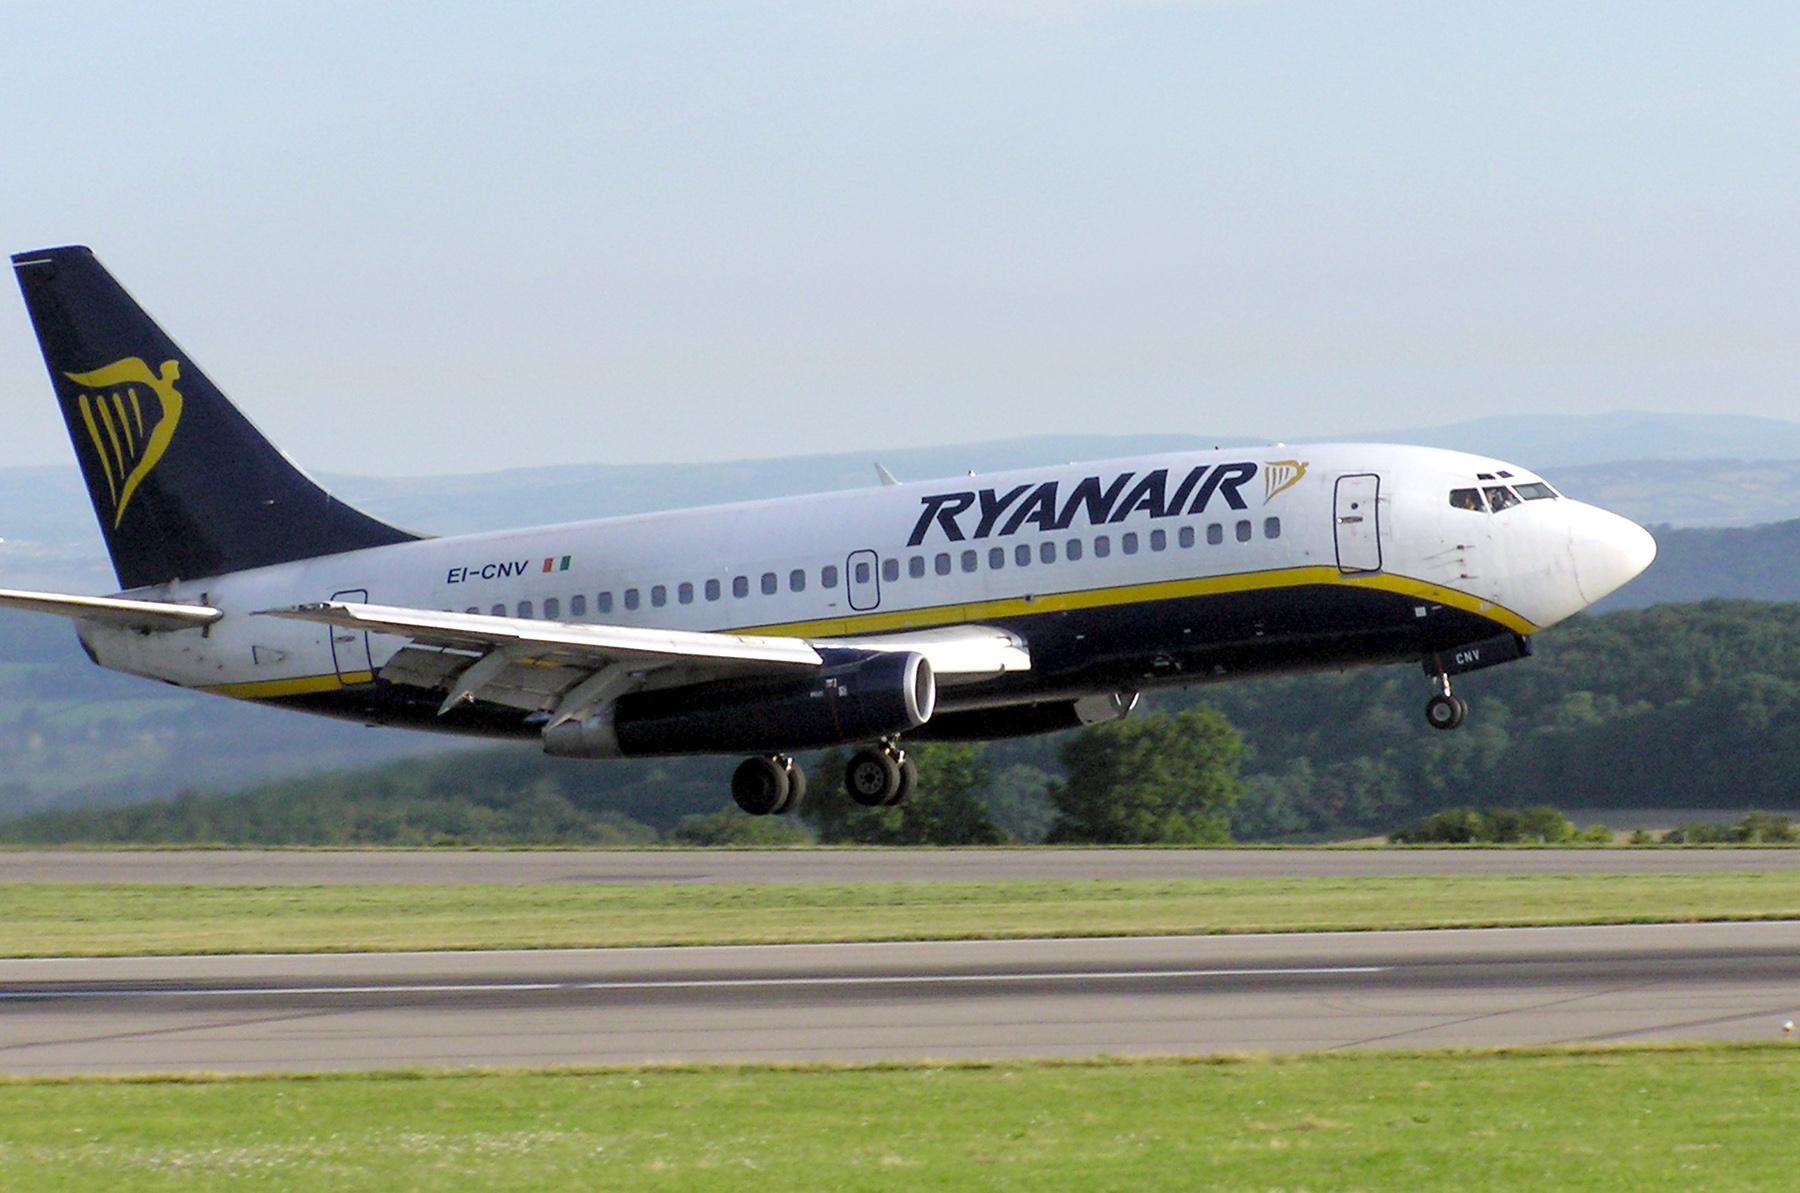 Δριμύ κατηγορώ της Ryanair: «Η Ελλάδα πουλάει τα κλειδιά της Δημοκρατίας στους Γερμανούς»!